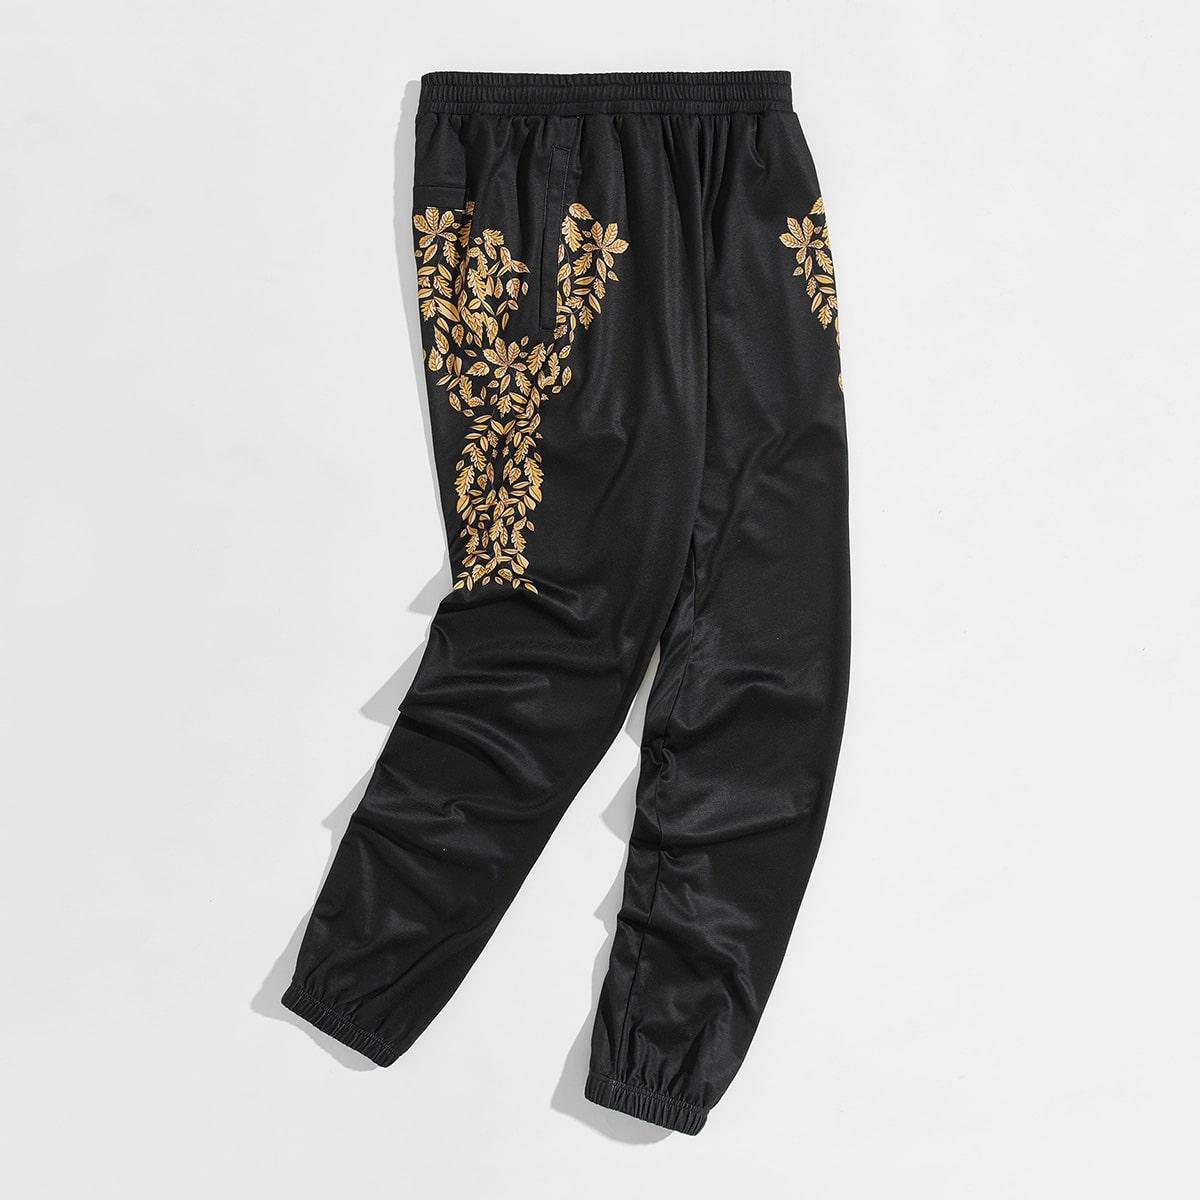 Мужские спортивные брюки с лиственным принтом